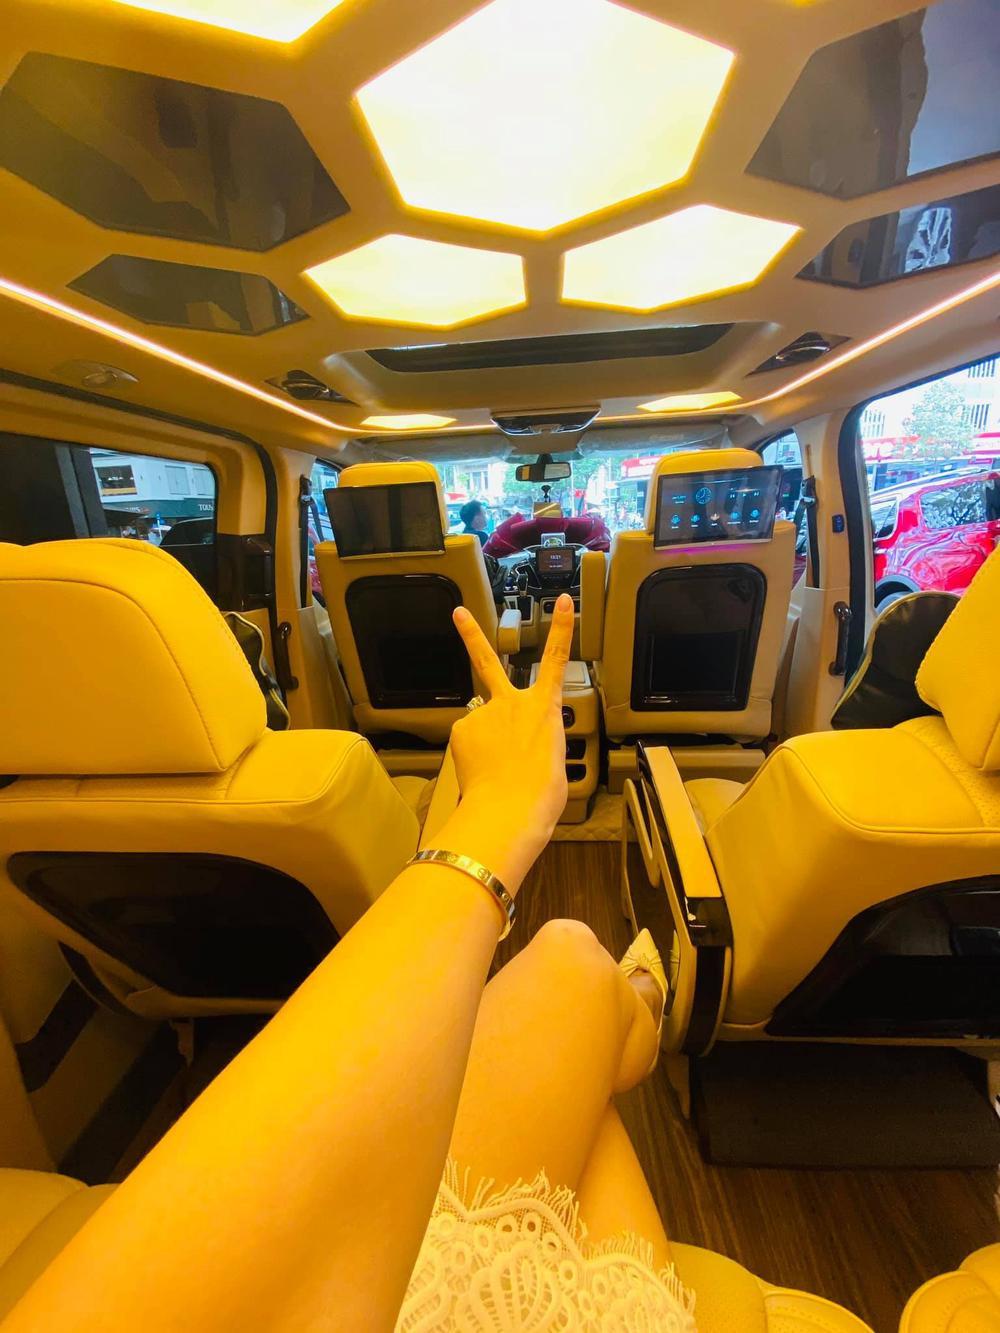 Mặc kệ ồn ào tình cảm với TiTi (HKT), Nhật Kim Anh rạng rỡ khoe xe mới tiền tỷ: Phụ nữ tự chủ tài chính vẫn là tốt nhất Ảnh 9